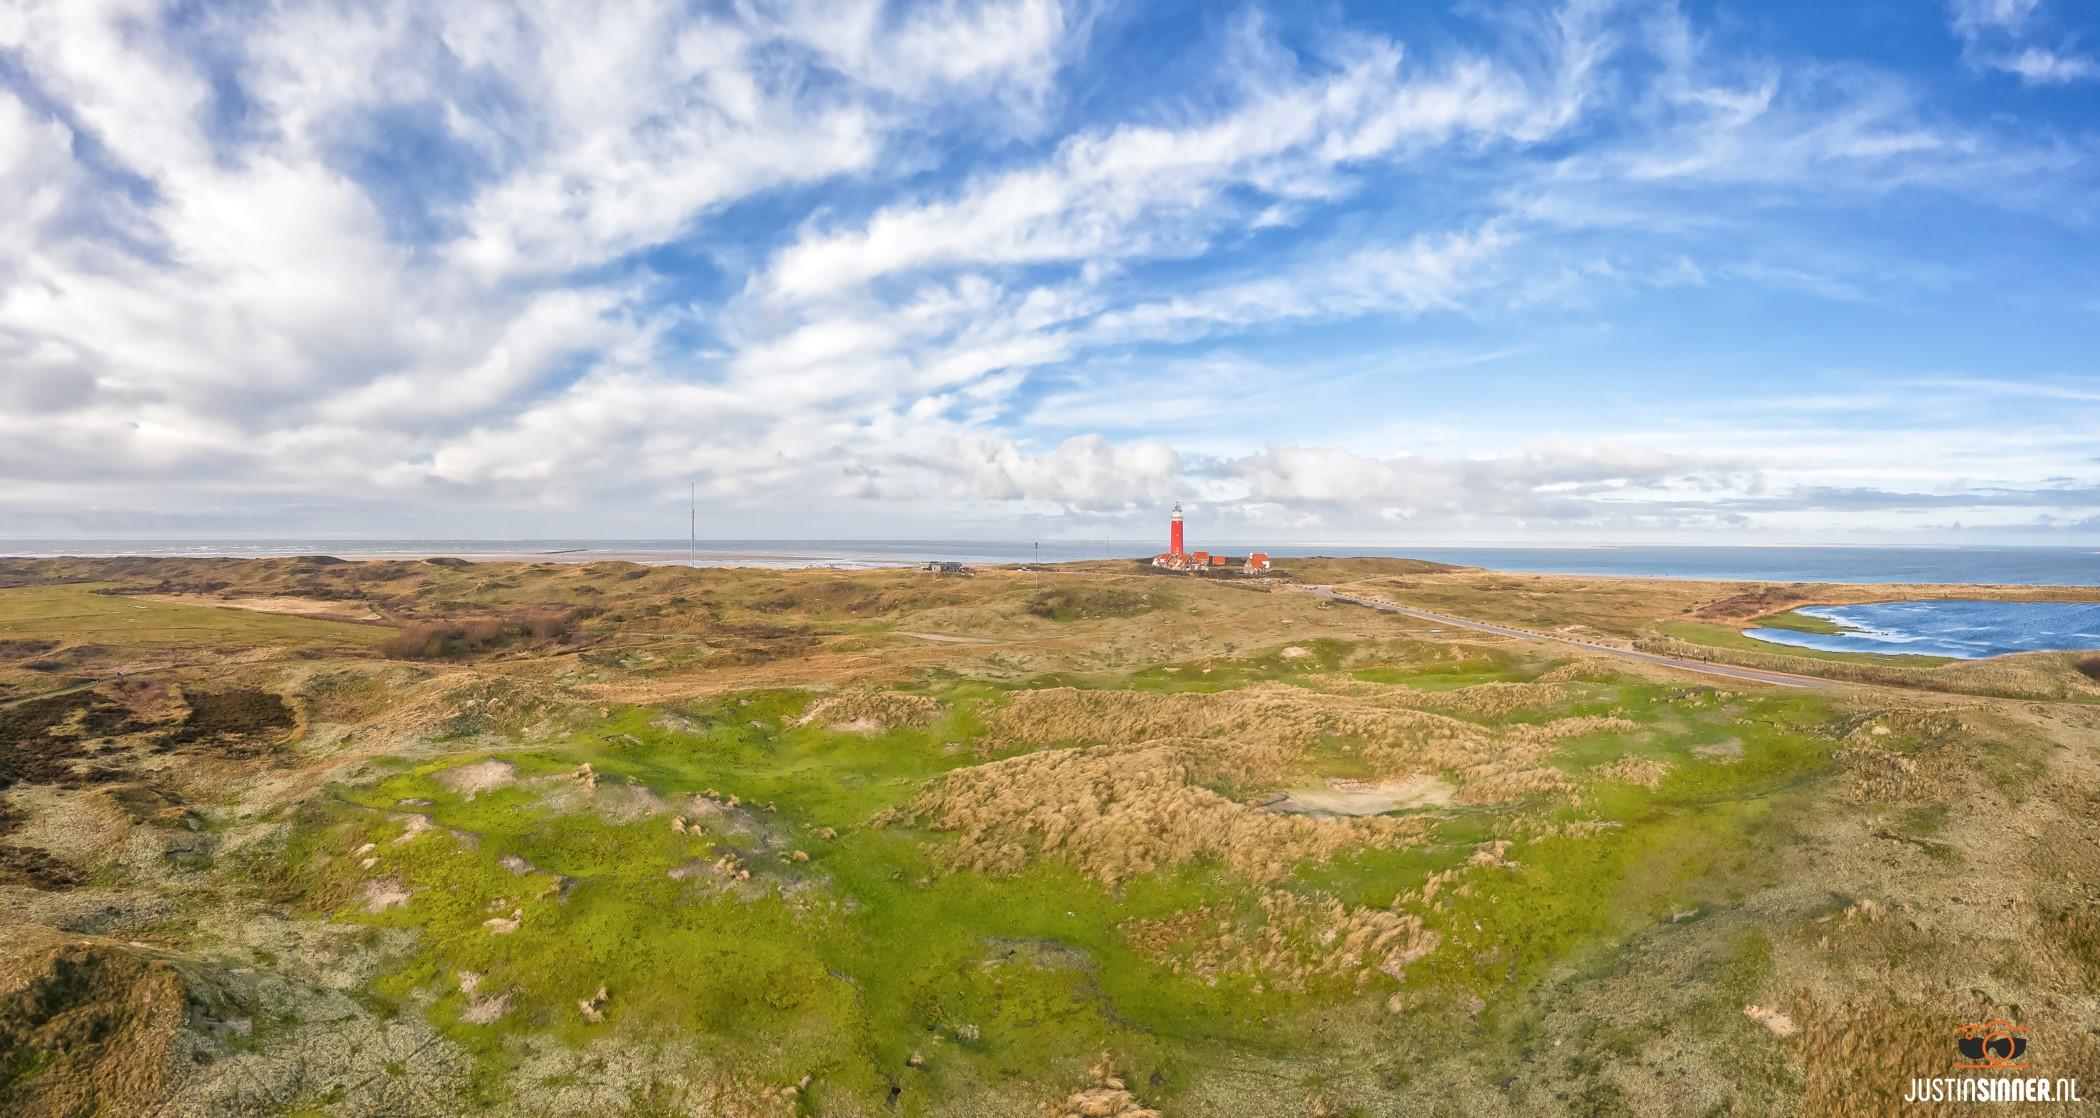 Duingebied rondom de vuurtoren / Dunelandscape near Texel lighthouse